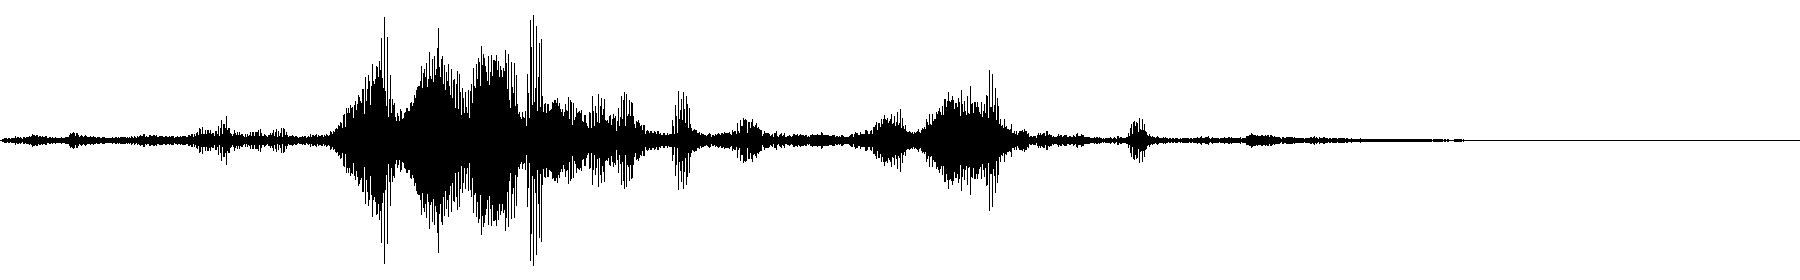 bluezone orbit sound 075